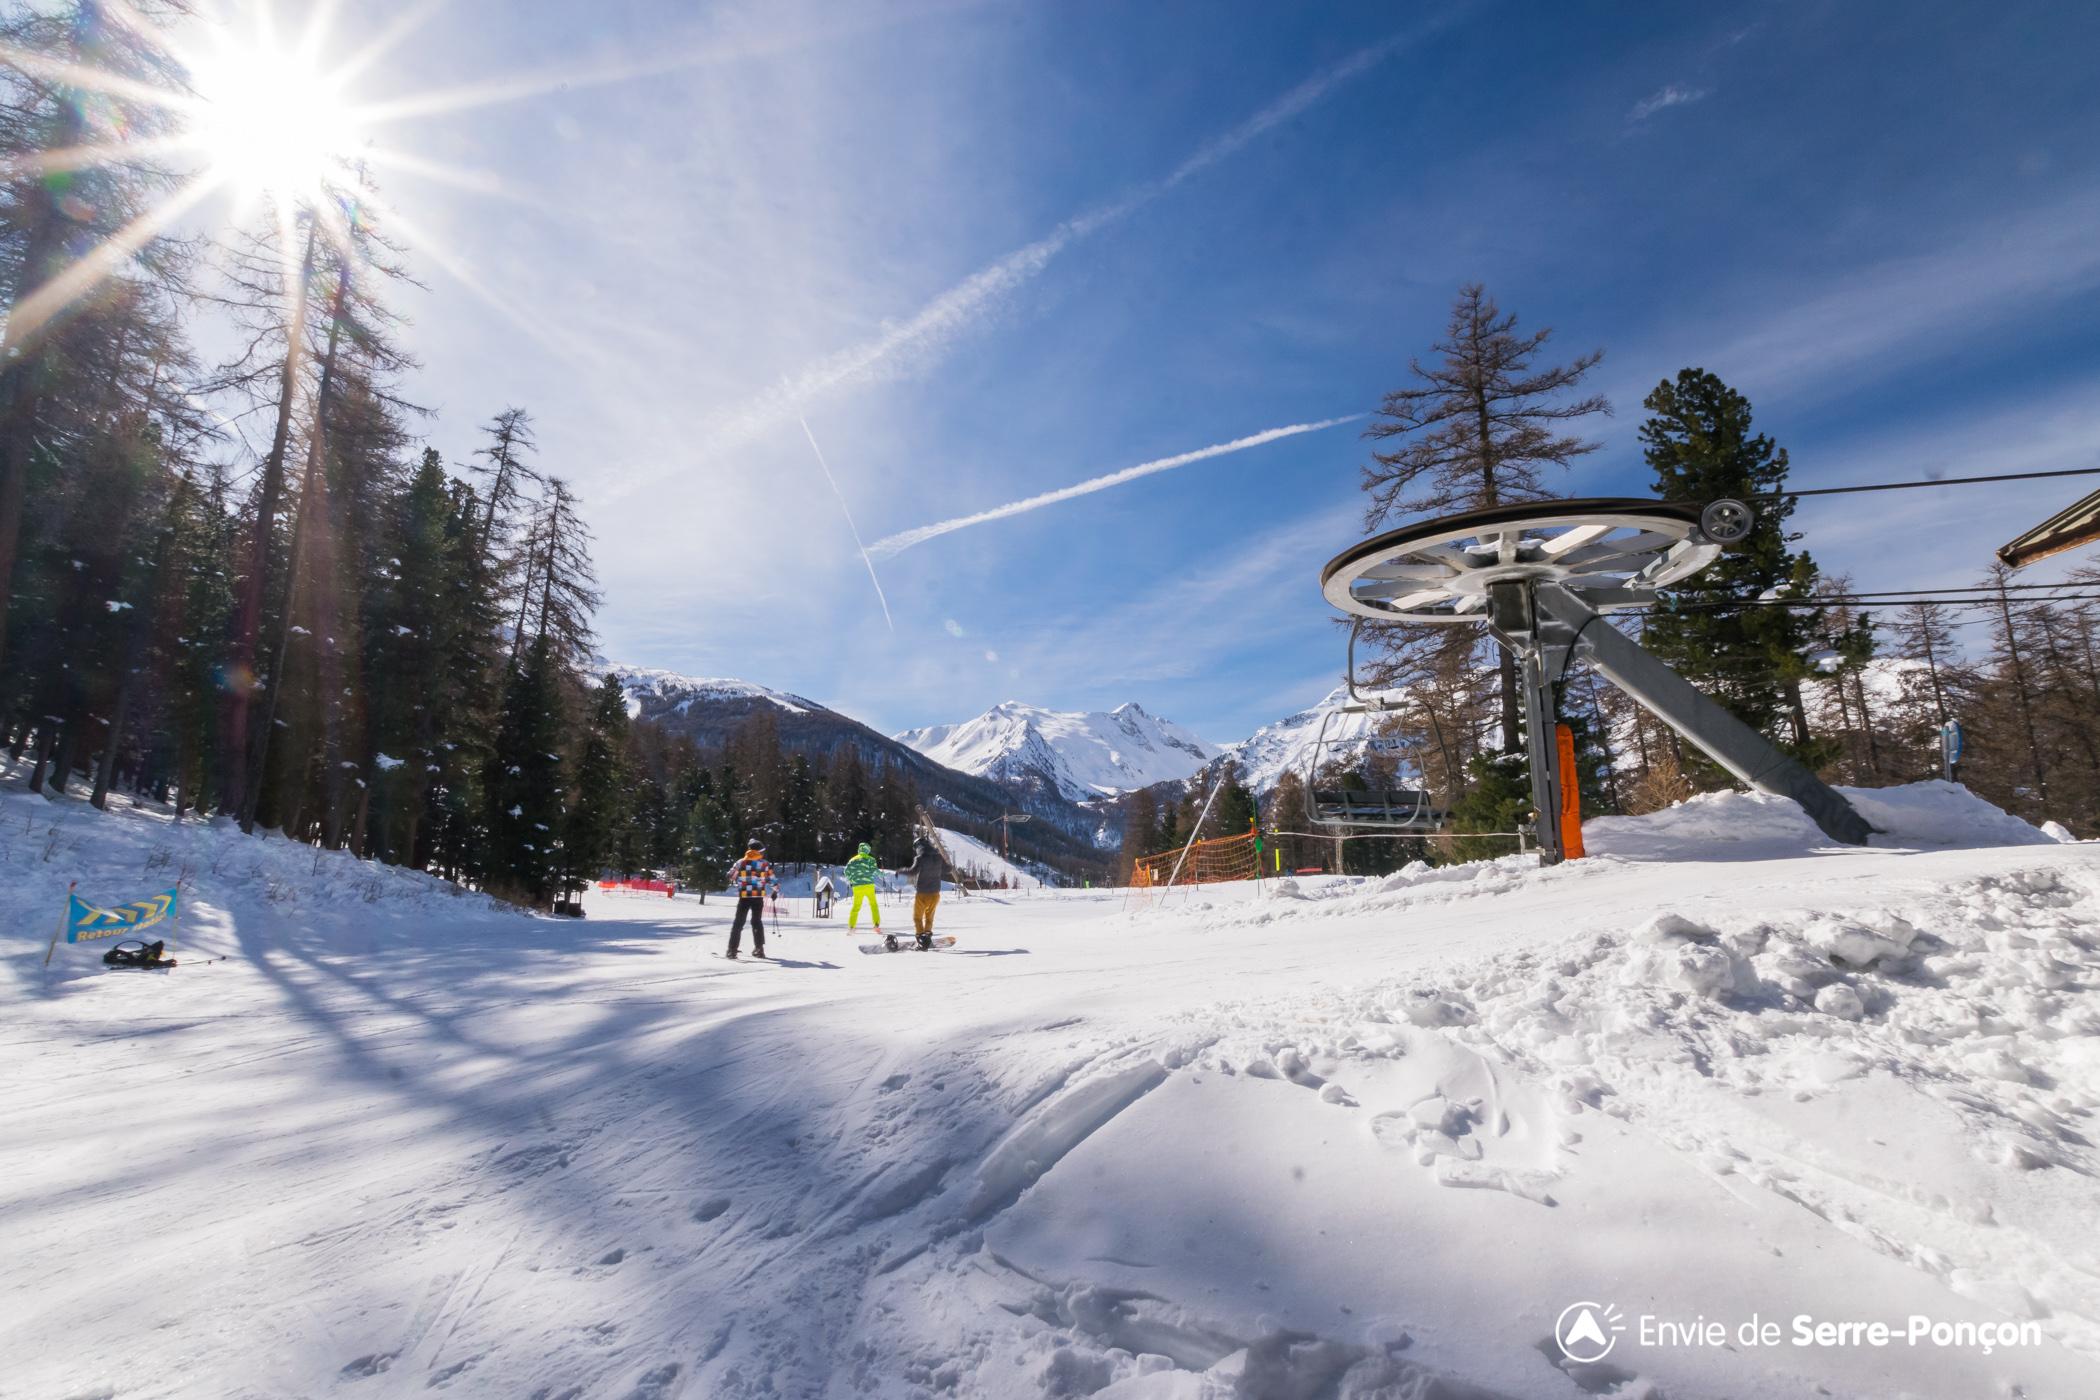 Station de ski les orres embrun hautes alpes alpes du - Office du tourisme alpes du grand serre ...